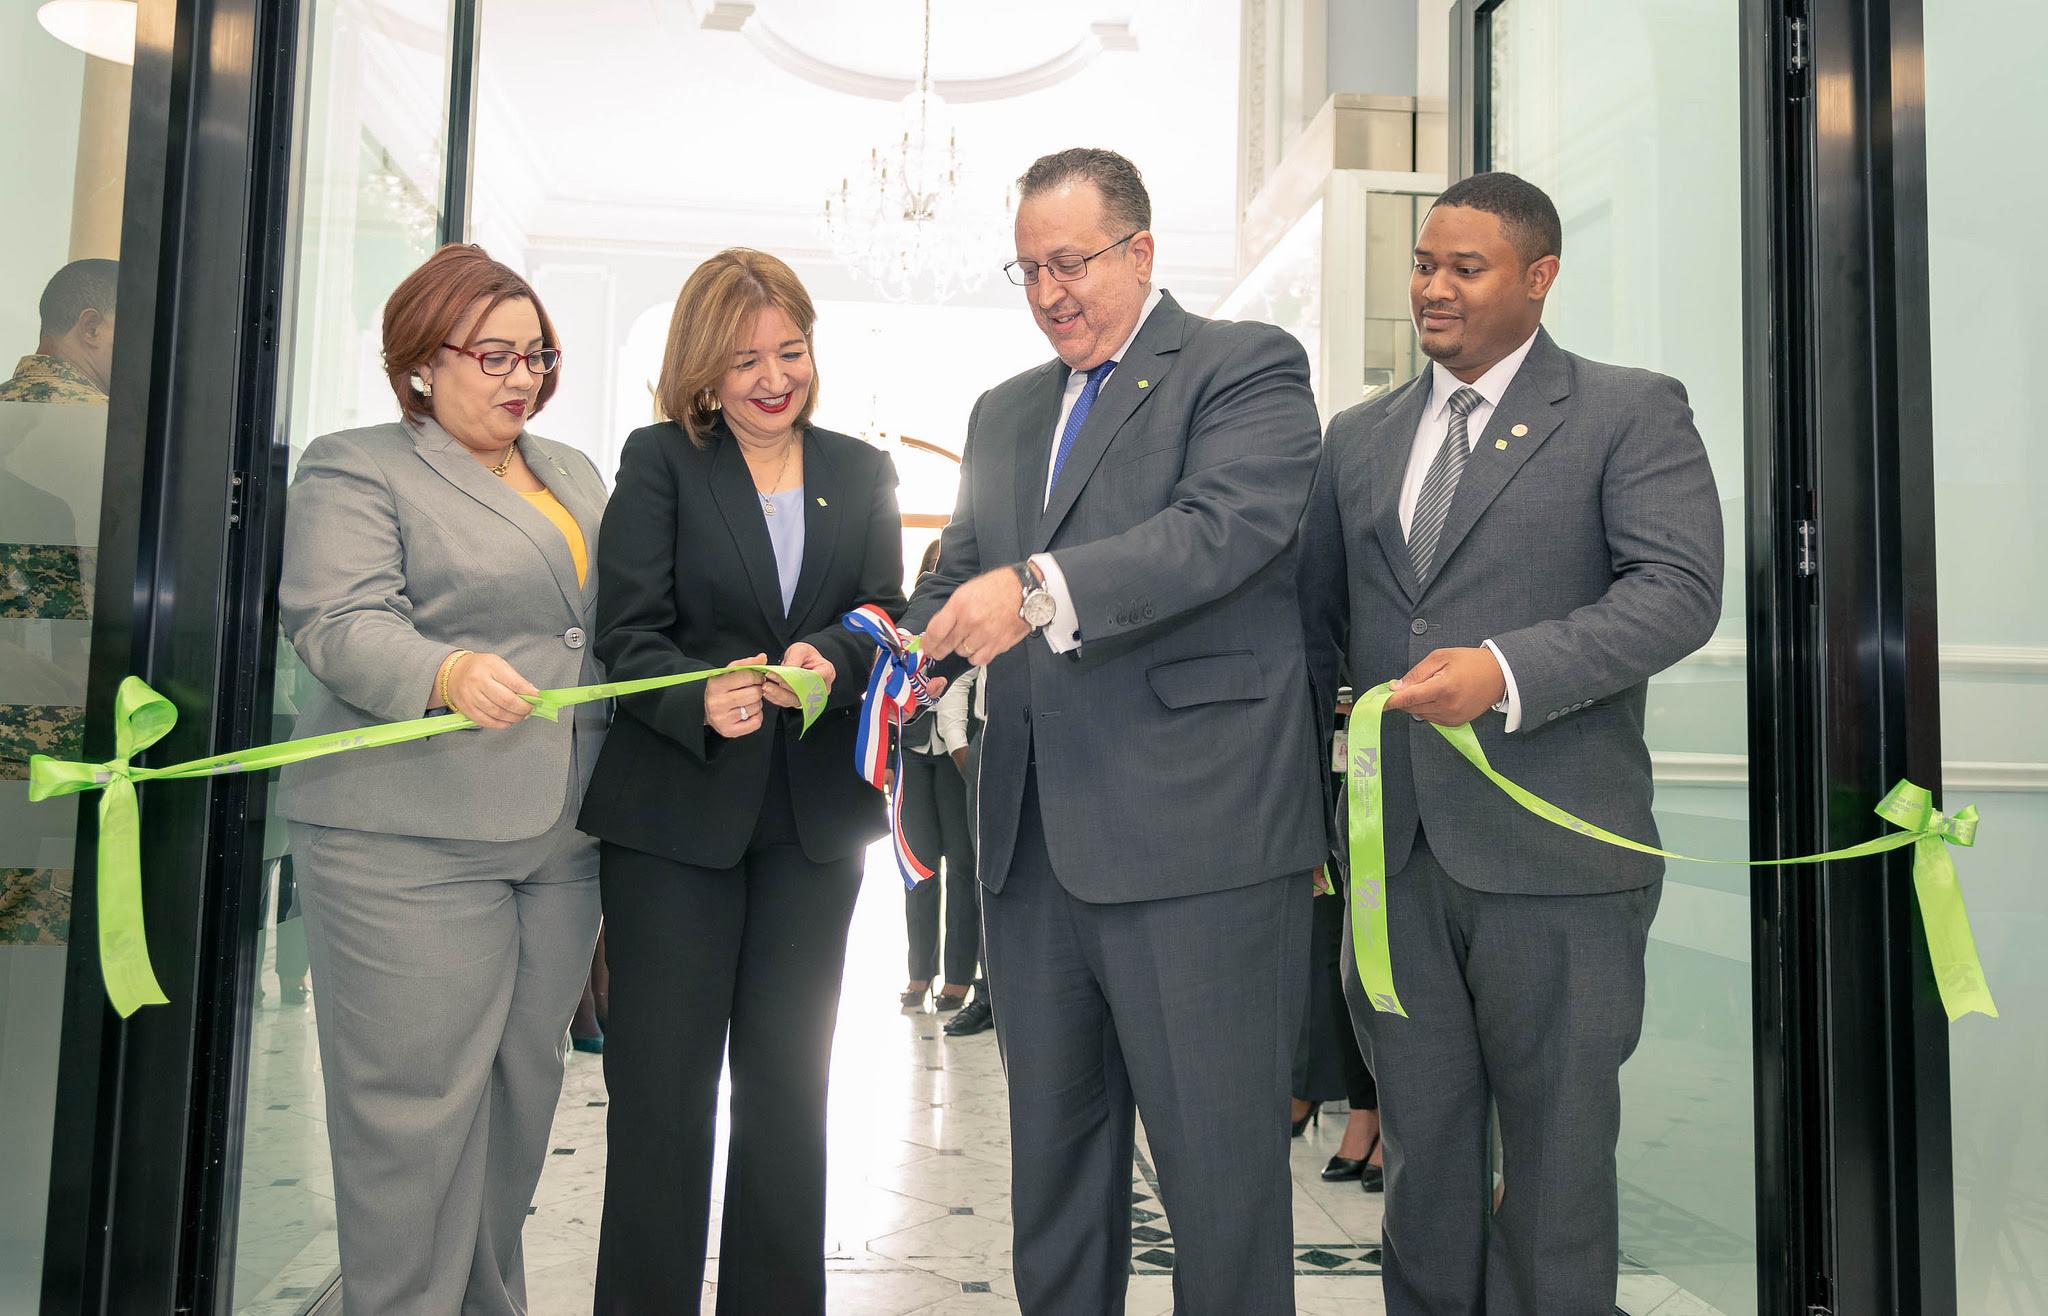 , DGII pone en funcionamiento nuevas oficinas en Boca Chica, Bonao, Los Mina, San Cristóbal y La Romana